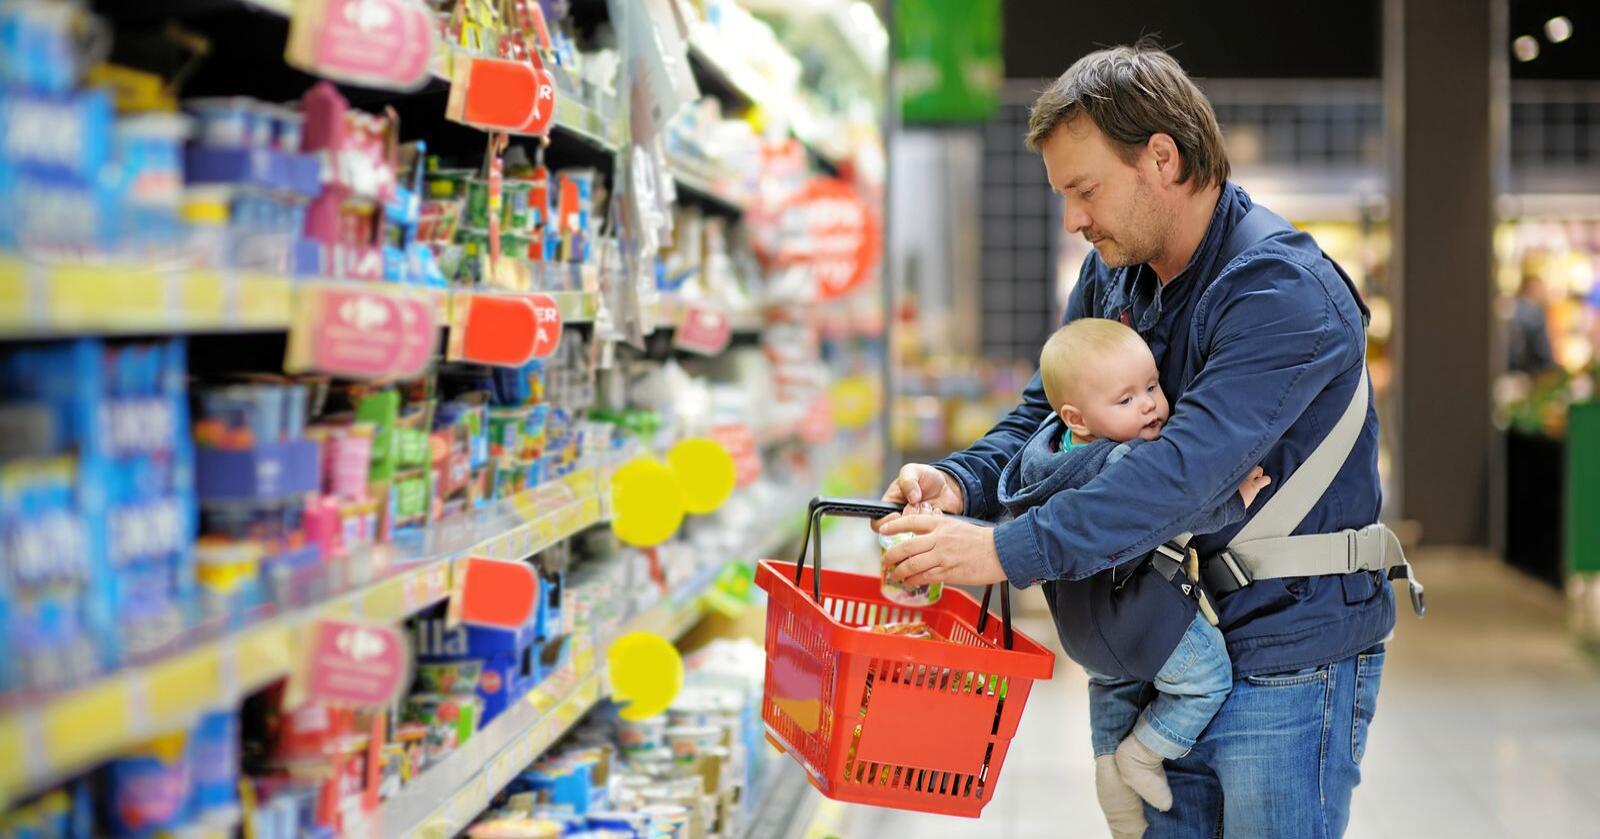 Mange av produktene som retter seg mot spedbarn og småbarn har ofte høyt innhold av sukker, skriver Forbrukerrådet. Illustrasjonsfoto: Mostphotos